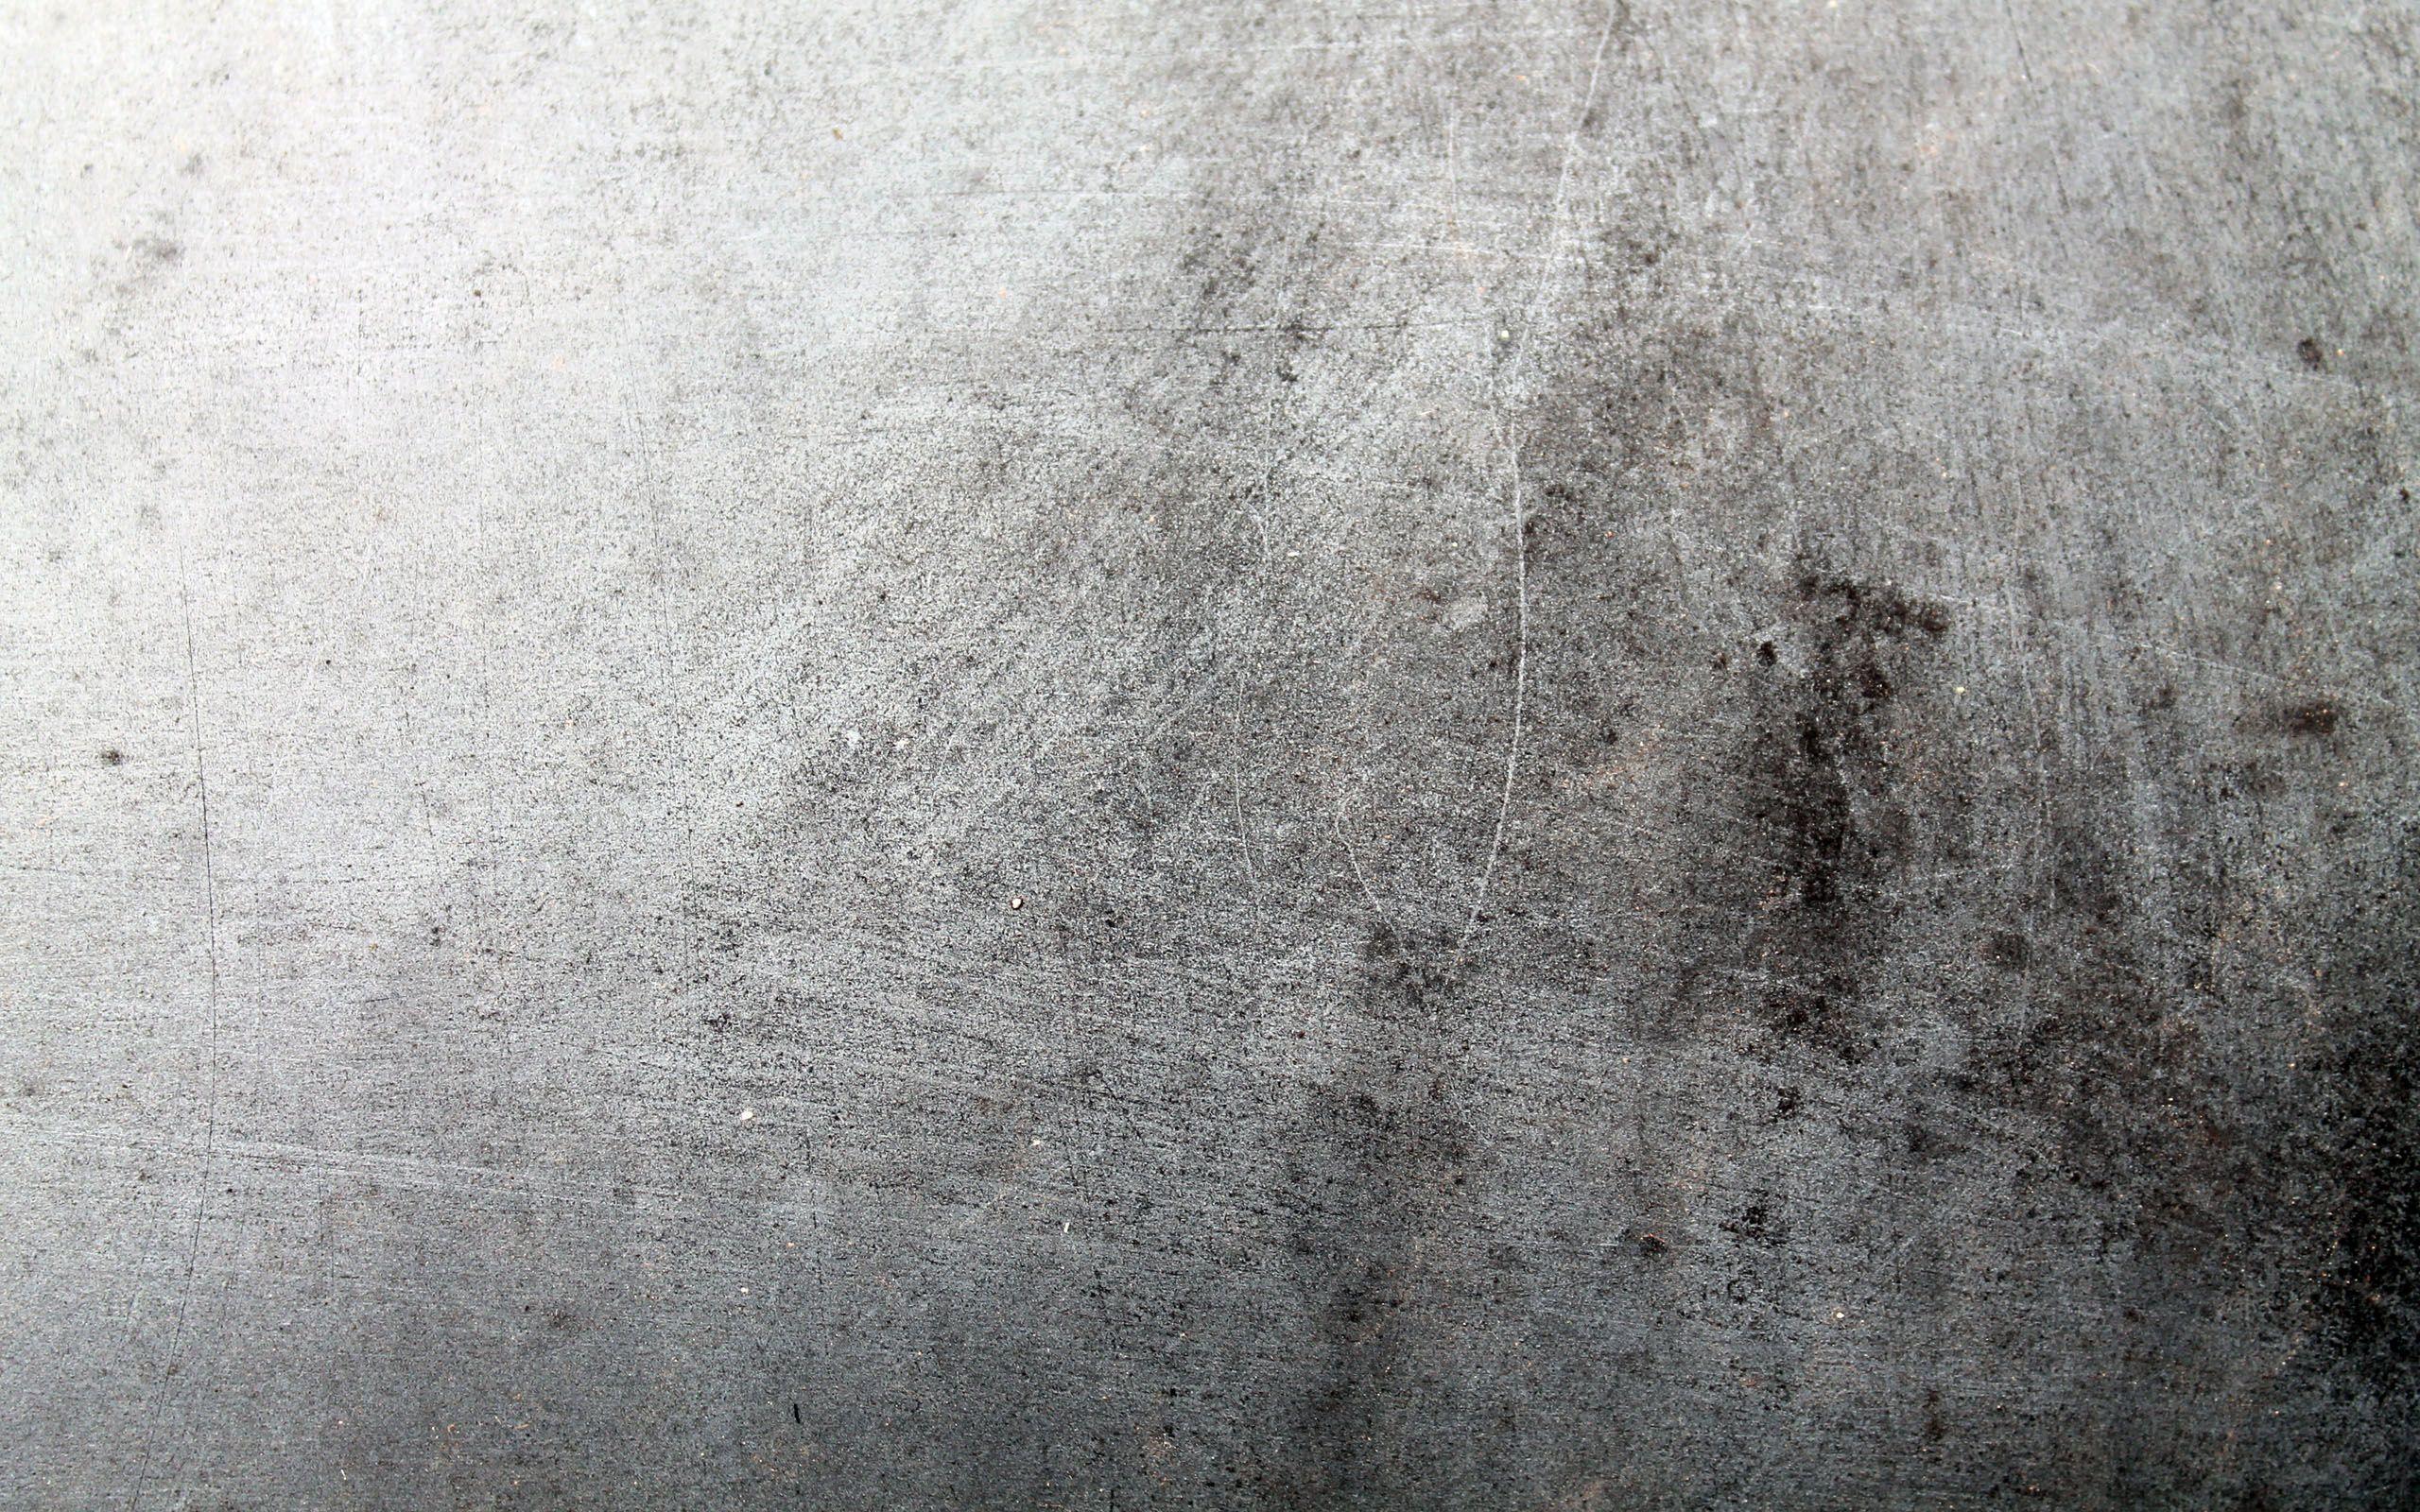 4k Wallpaper Concrete